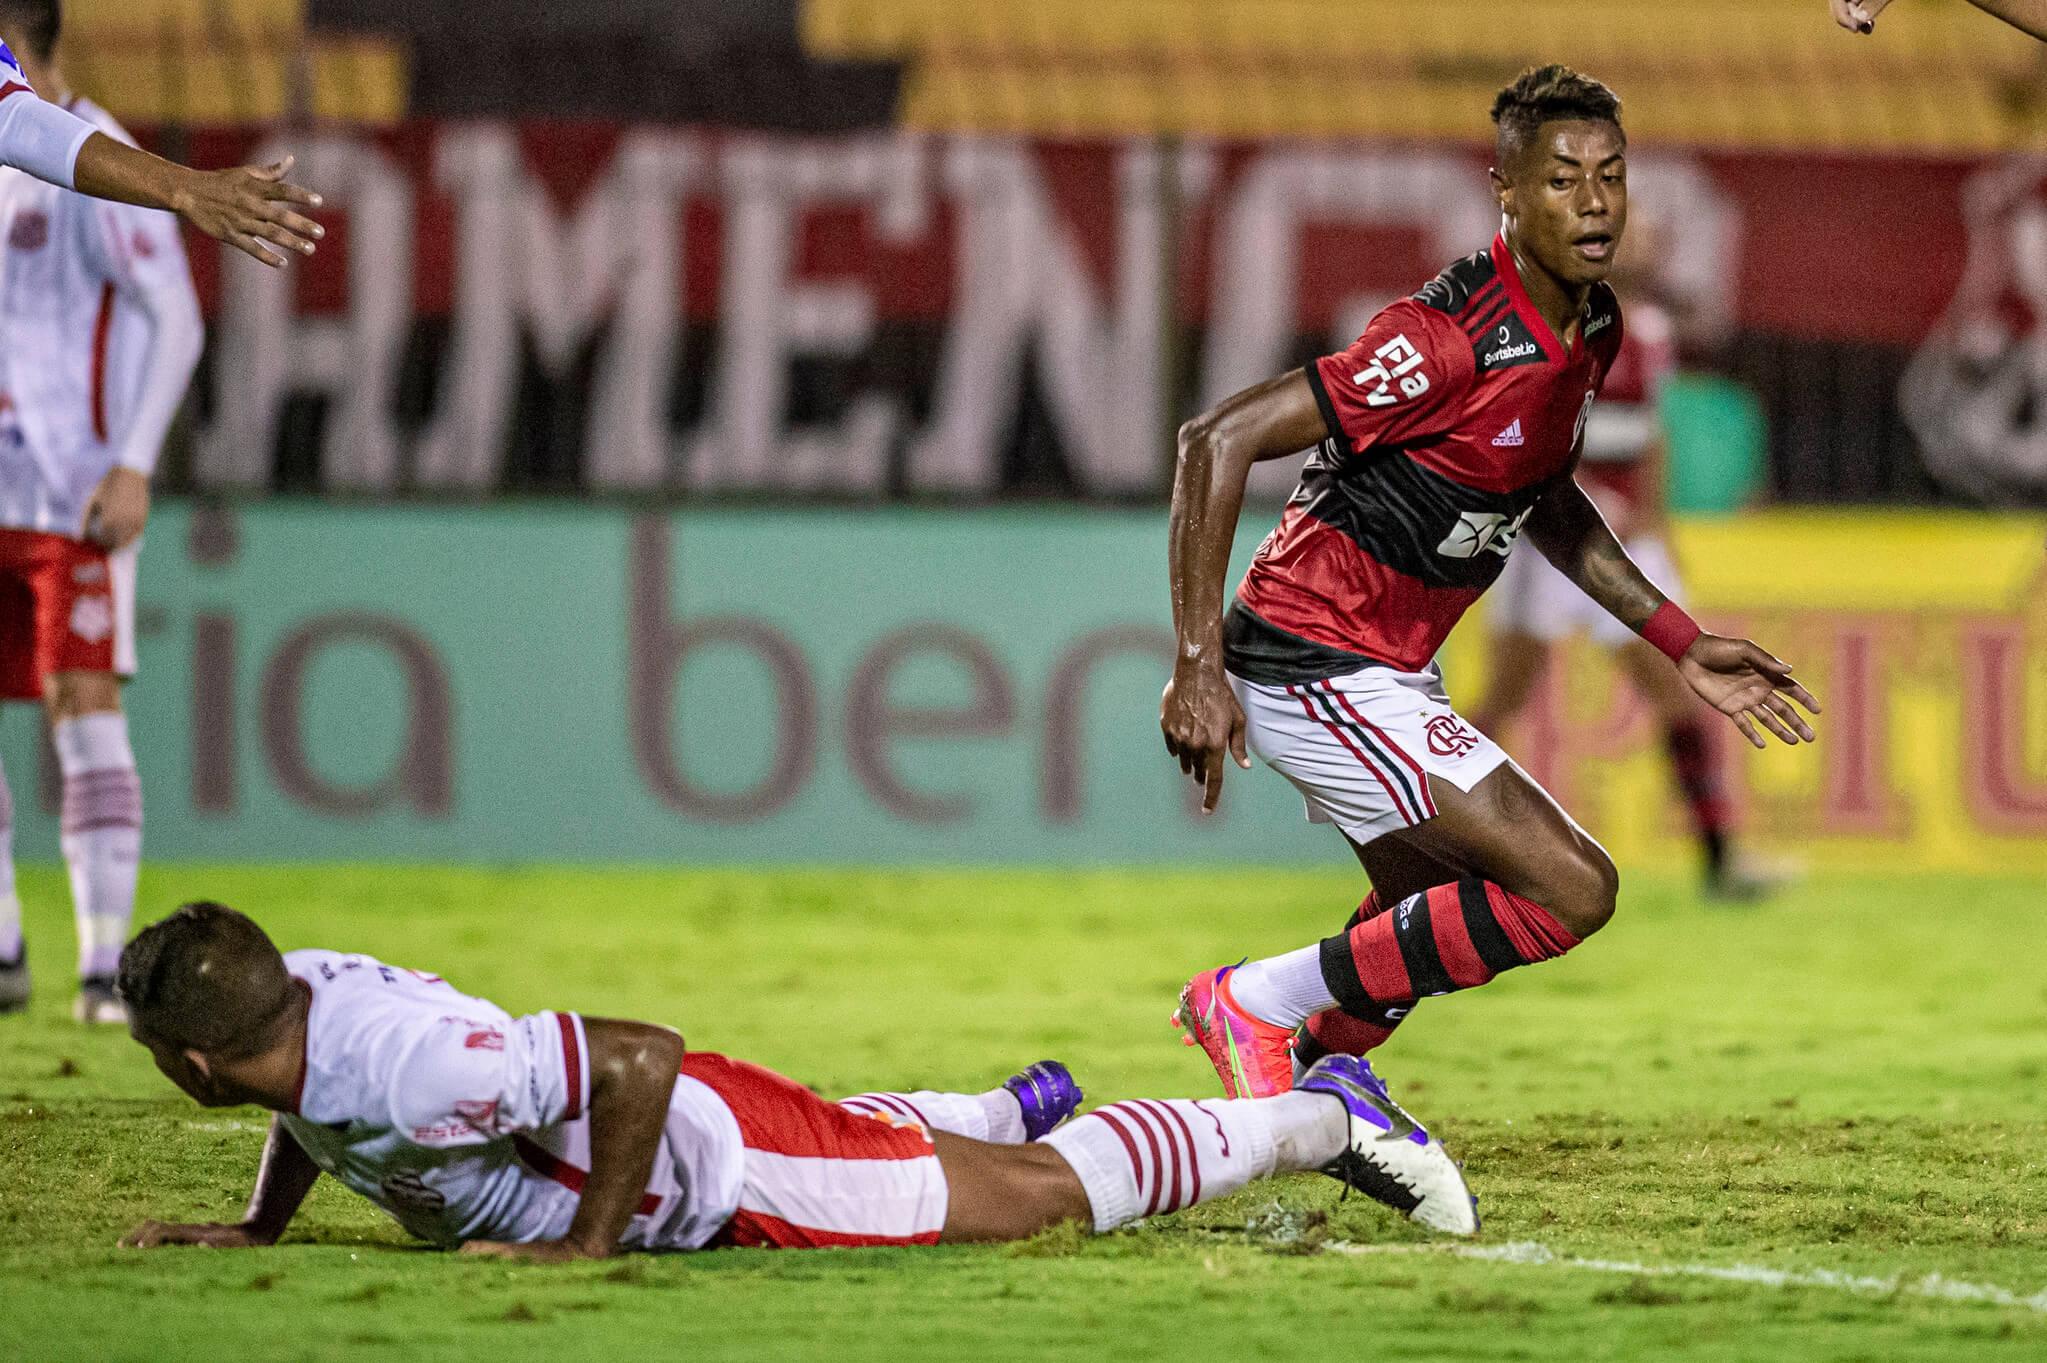 Foto: Marcelo Cortes / Flamengo